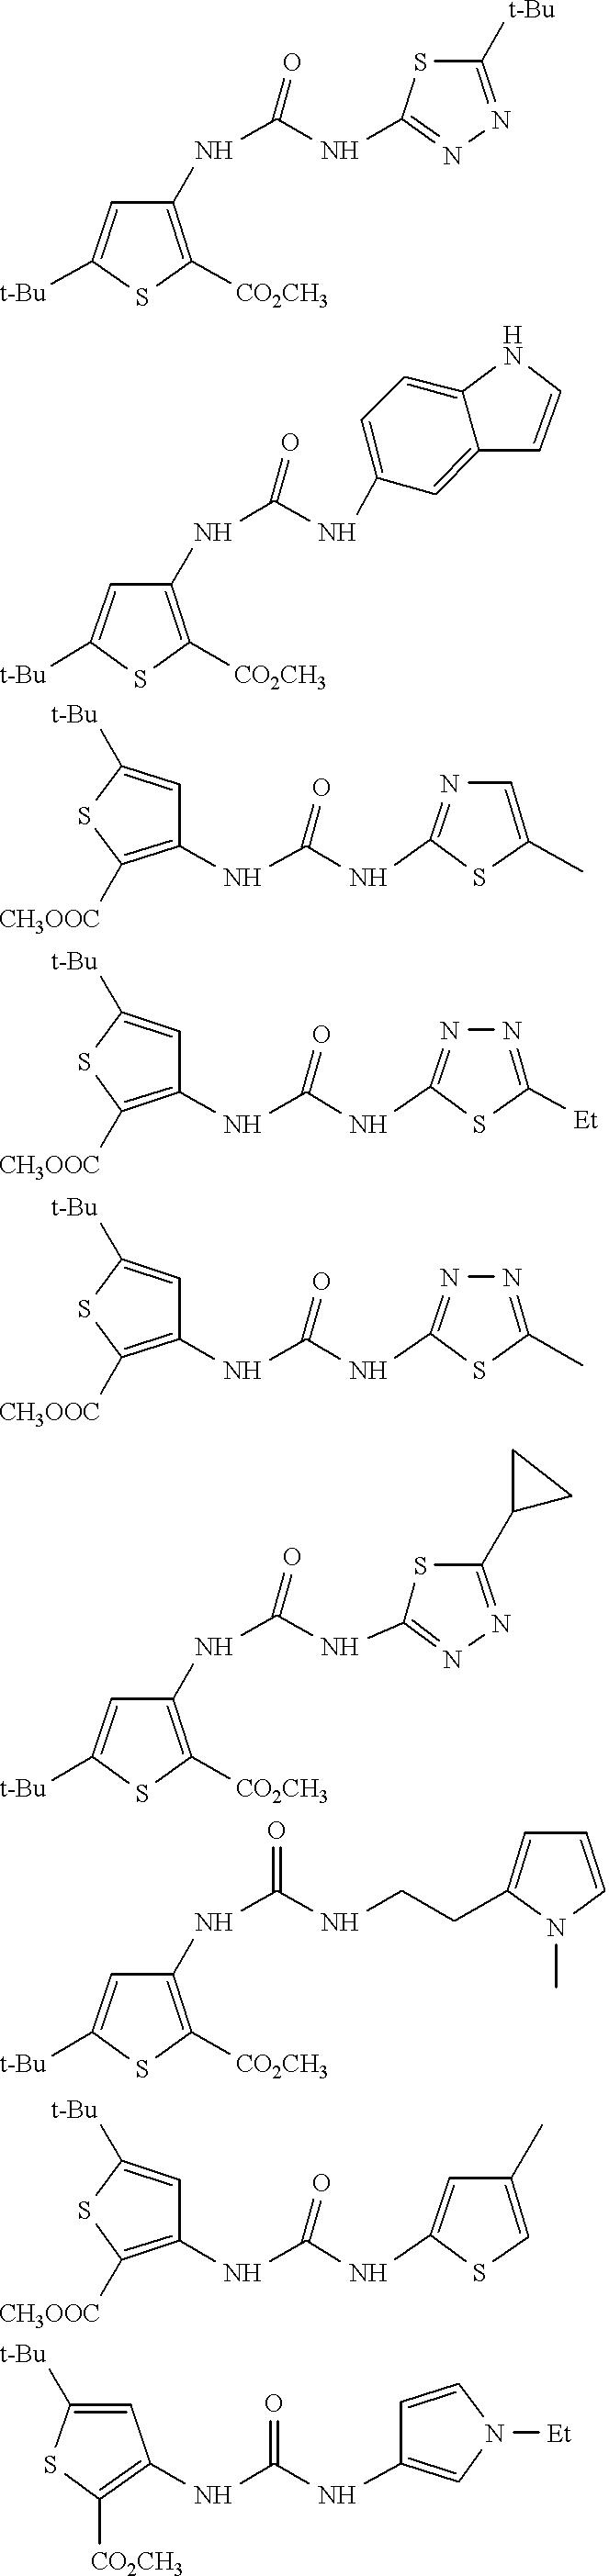 Figure US06187799-20010213-C00074